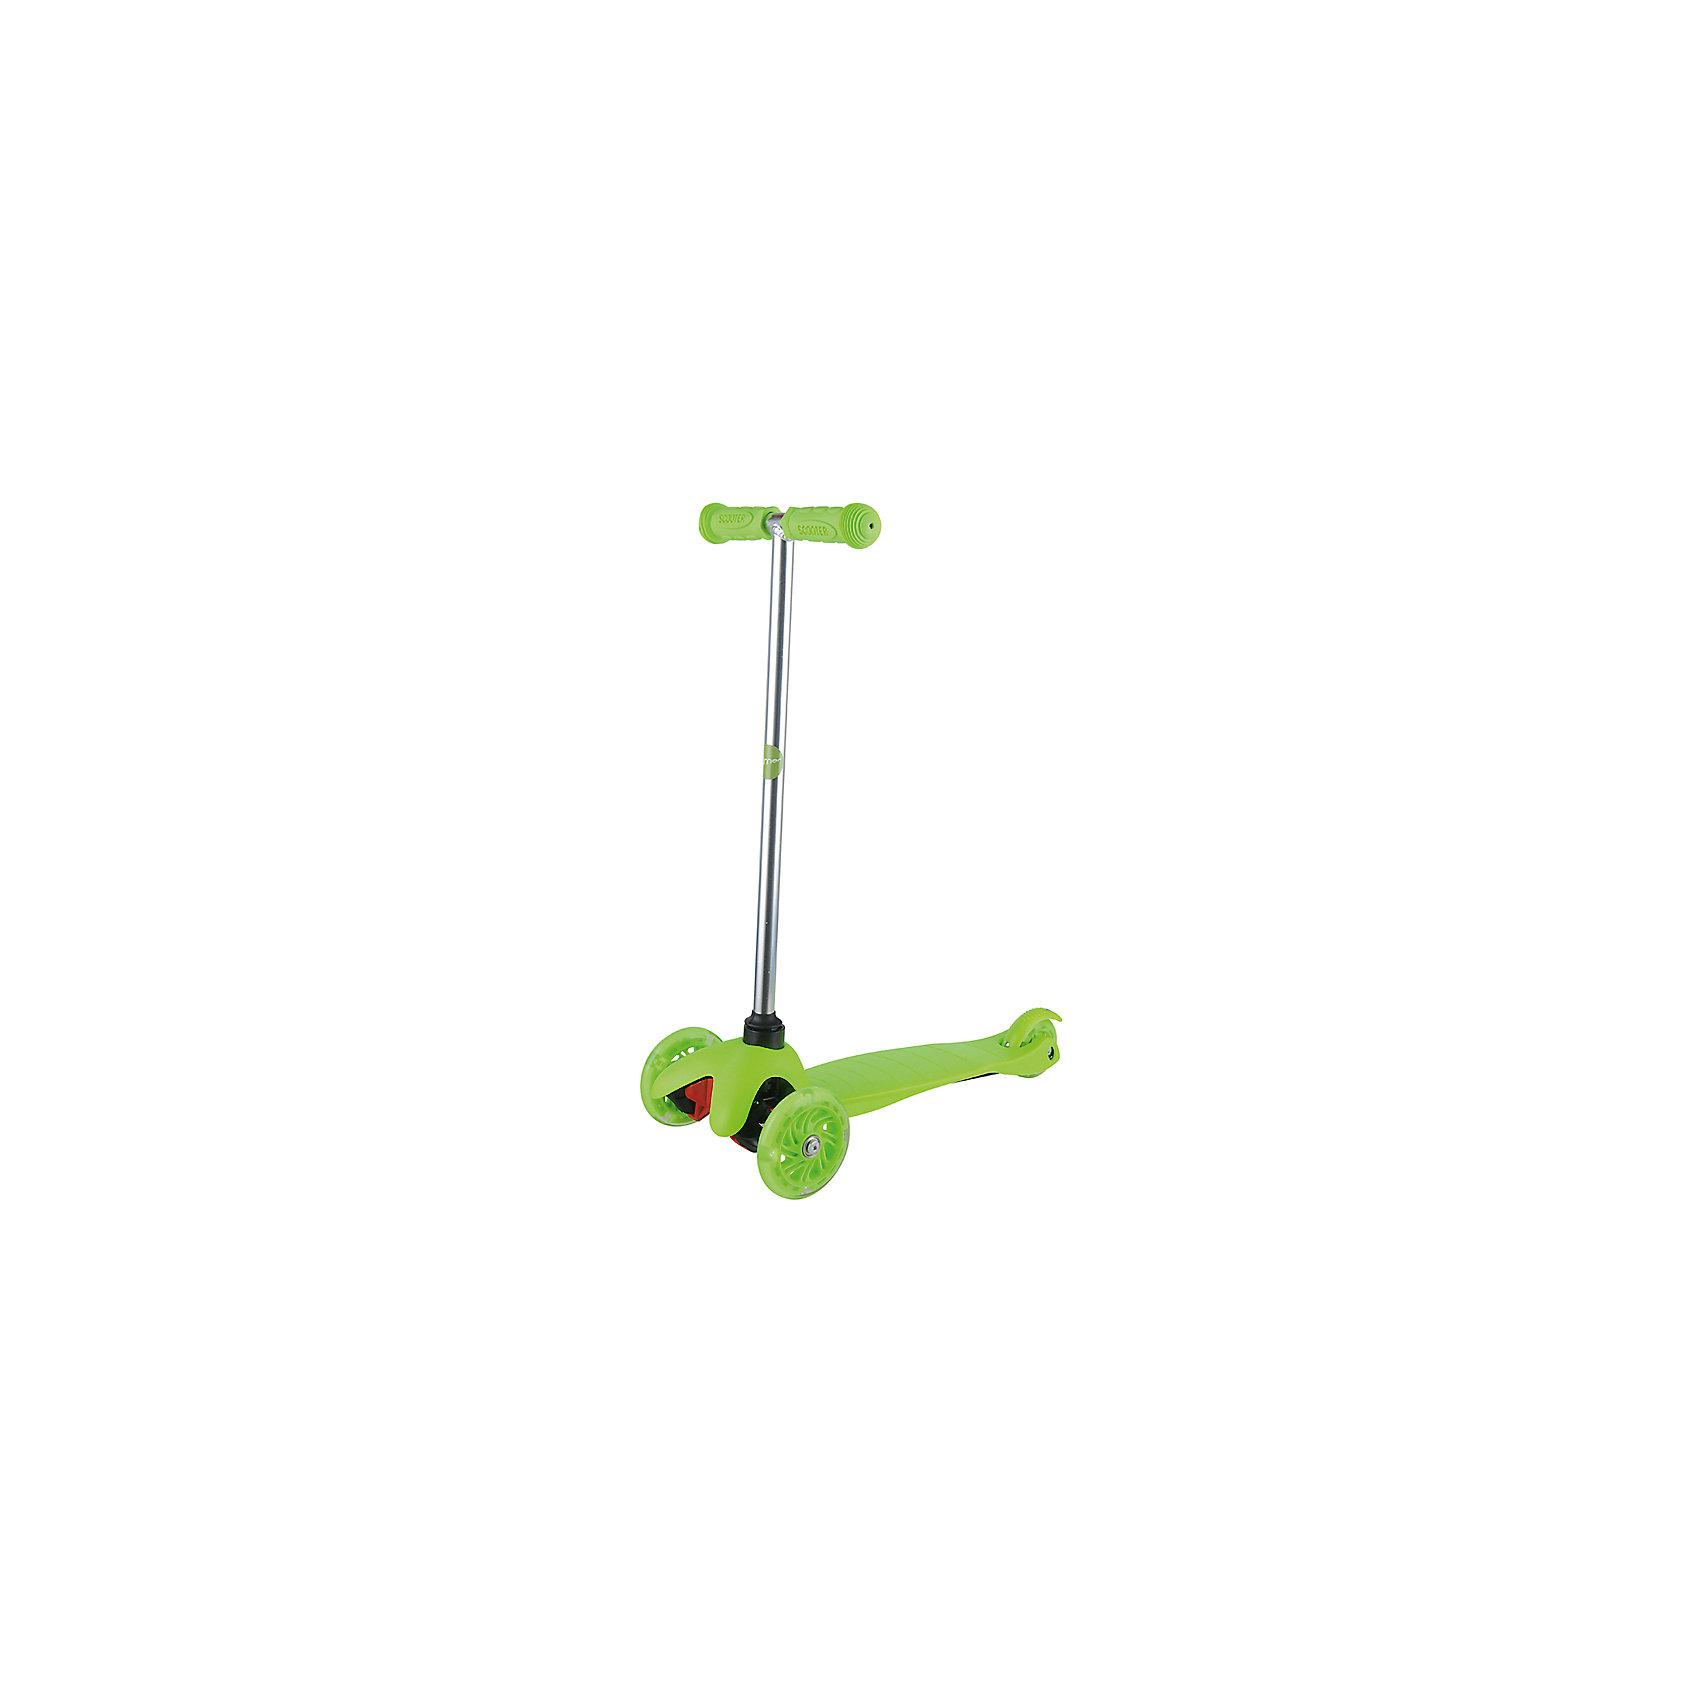 Самокат ZL-66, салатовый, ZilmerСамокаты<br>Характеристики товара:<br><br>• возраст от 3 лет;<br>• материал: алюминий, пластик, сталь;<br>• в комплекте: самокат, шестигранные ключи, инструкция;<br>• максимальная нагрузка до 50 кг;<br>• материал колес: полиуретан;<br>• диаметр передних колес 11 см, заднего колеса 7,8 см;<br>• размер самоката 54х25х66 см;<br>• размер упаковки 56х14х19 см;<br>• вес упаковки 2,6 кг;<br>• страна производитель: Китай.<br><br>Самокат ZL-66 Zilmer салатовый позволит активно провести время на прогулке. Катание на самокате развивает координацию движений, учит держать равновесие. 2 передних колеса придают хорошей устойчивости, позволяют легко учиться держать равновесие. Платформа самоката выполнена из прочного пластика и имеет рифленую поверхность, препятствующую соскальзывание во время езды. <br><br>Удобный руль обеспечивает комфортное управление. Прорезиненные накладки на ручках не дают ладошкам соскальзывать при движении. Колеса выполнены из износостойкого долговечного полиуретана. Главное преимущество модели — светящиеся колеса во время катания.<br><br>Самокат ZL-66 Zilmer салатовый можно приобрести в нашем интернет-магазине.<br><br>Ширина мм: 560<br>Глубина мм: 140<br>Высота мм: 190<br>Вес г: 2600<br>Цвет: светло-зеленый<br>Возраст от месяцев: 36<br>Возраст до месяцев: 72<br>Пол: Унисекс<br>Возраст: Детский<br>SKU: 5610982